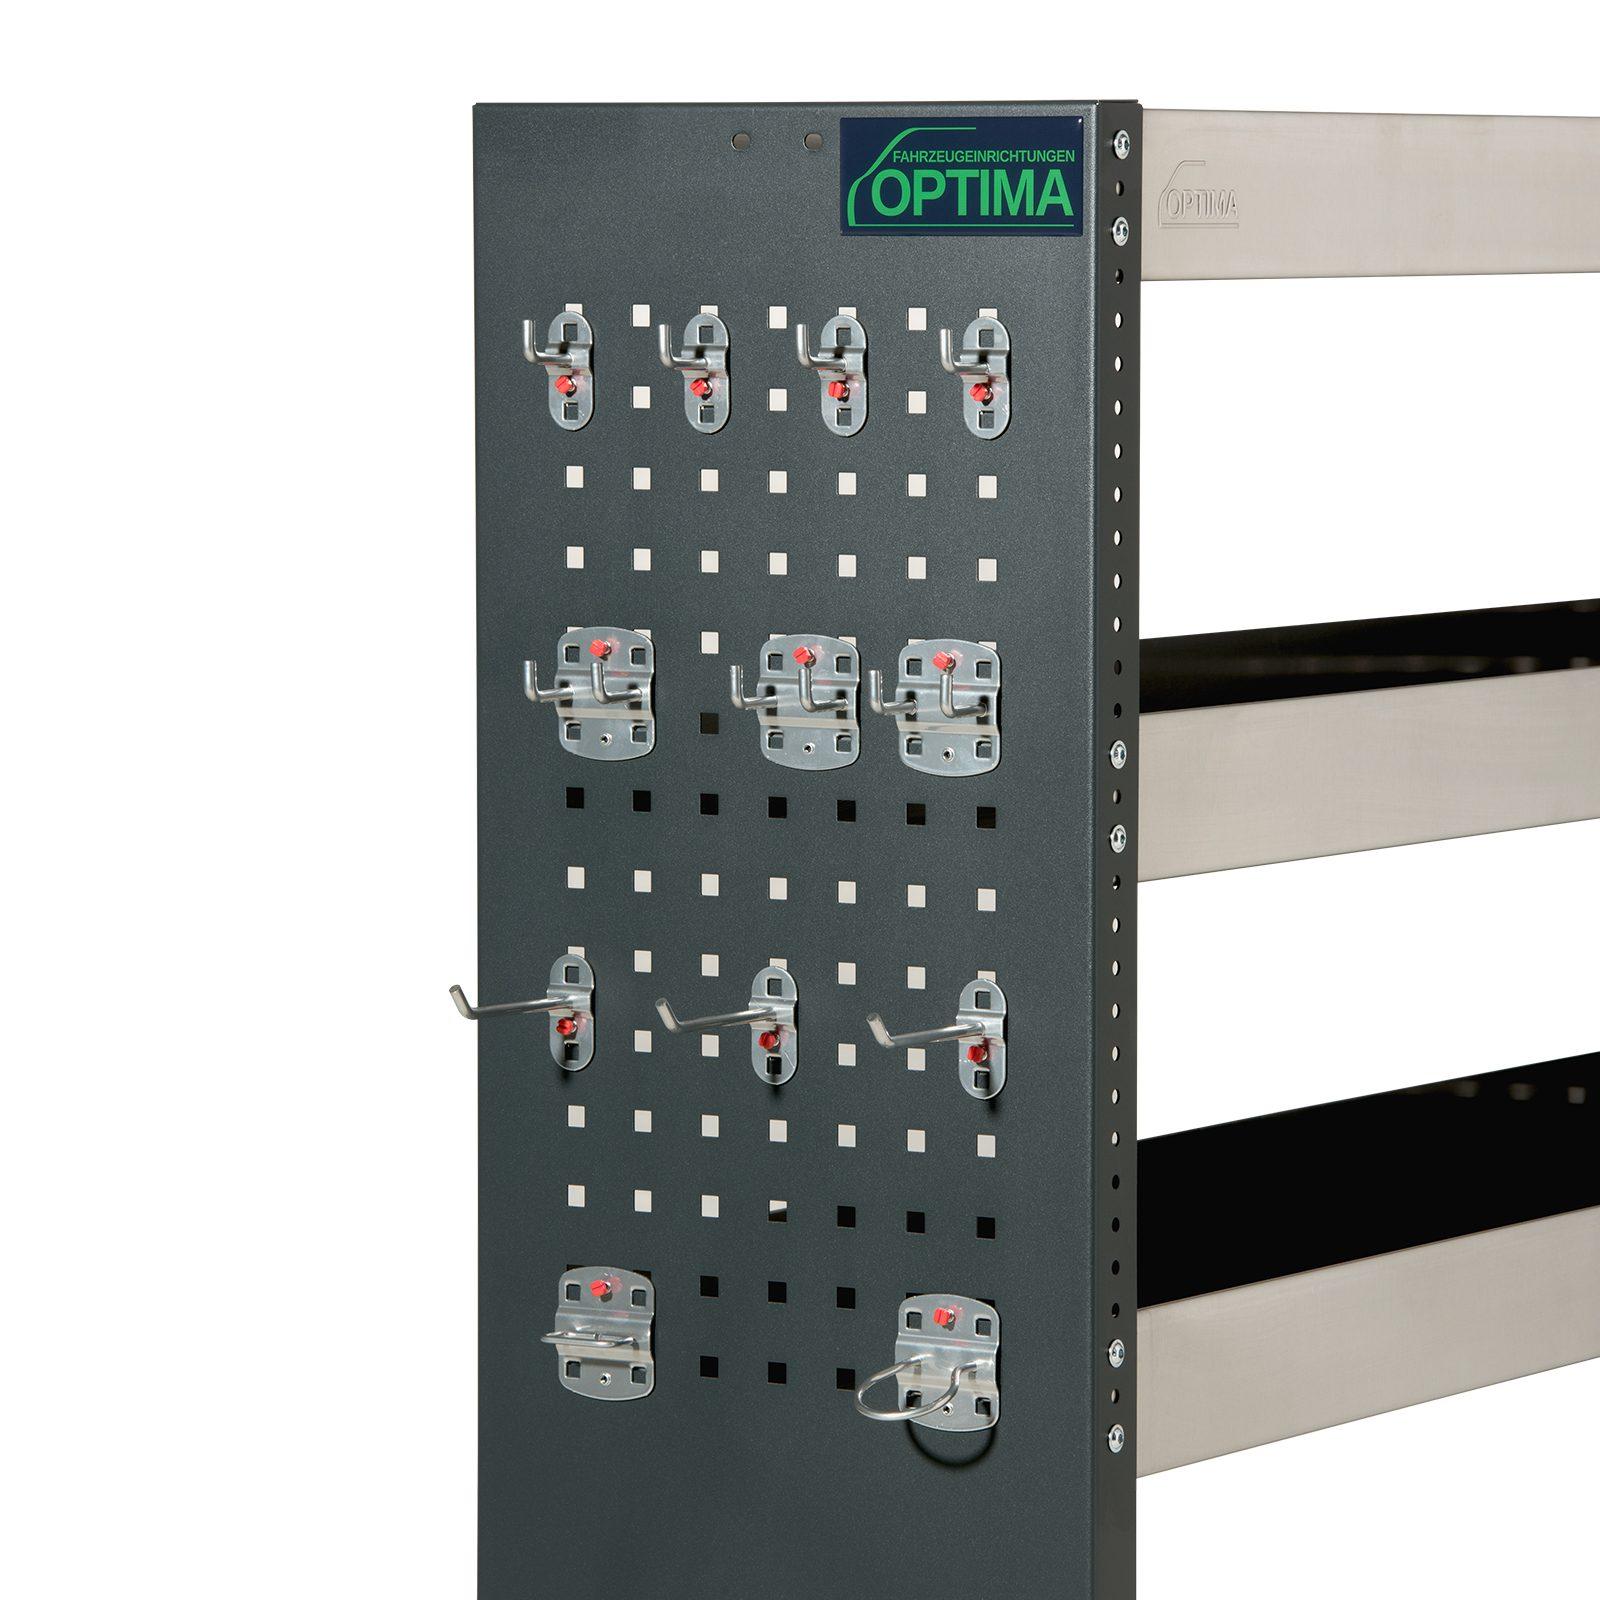 OFR00-00-00-Optima-Fahrzeugeinrichtungen-Zubehör-Regale-Sichererungsklappe-Hakenset-Stahl-Aluminium-silber-professional-einfach